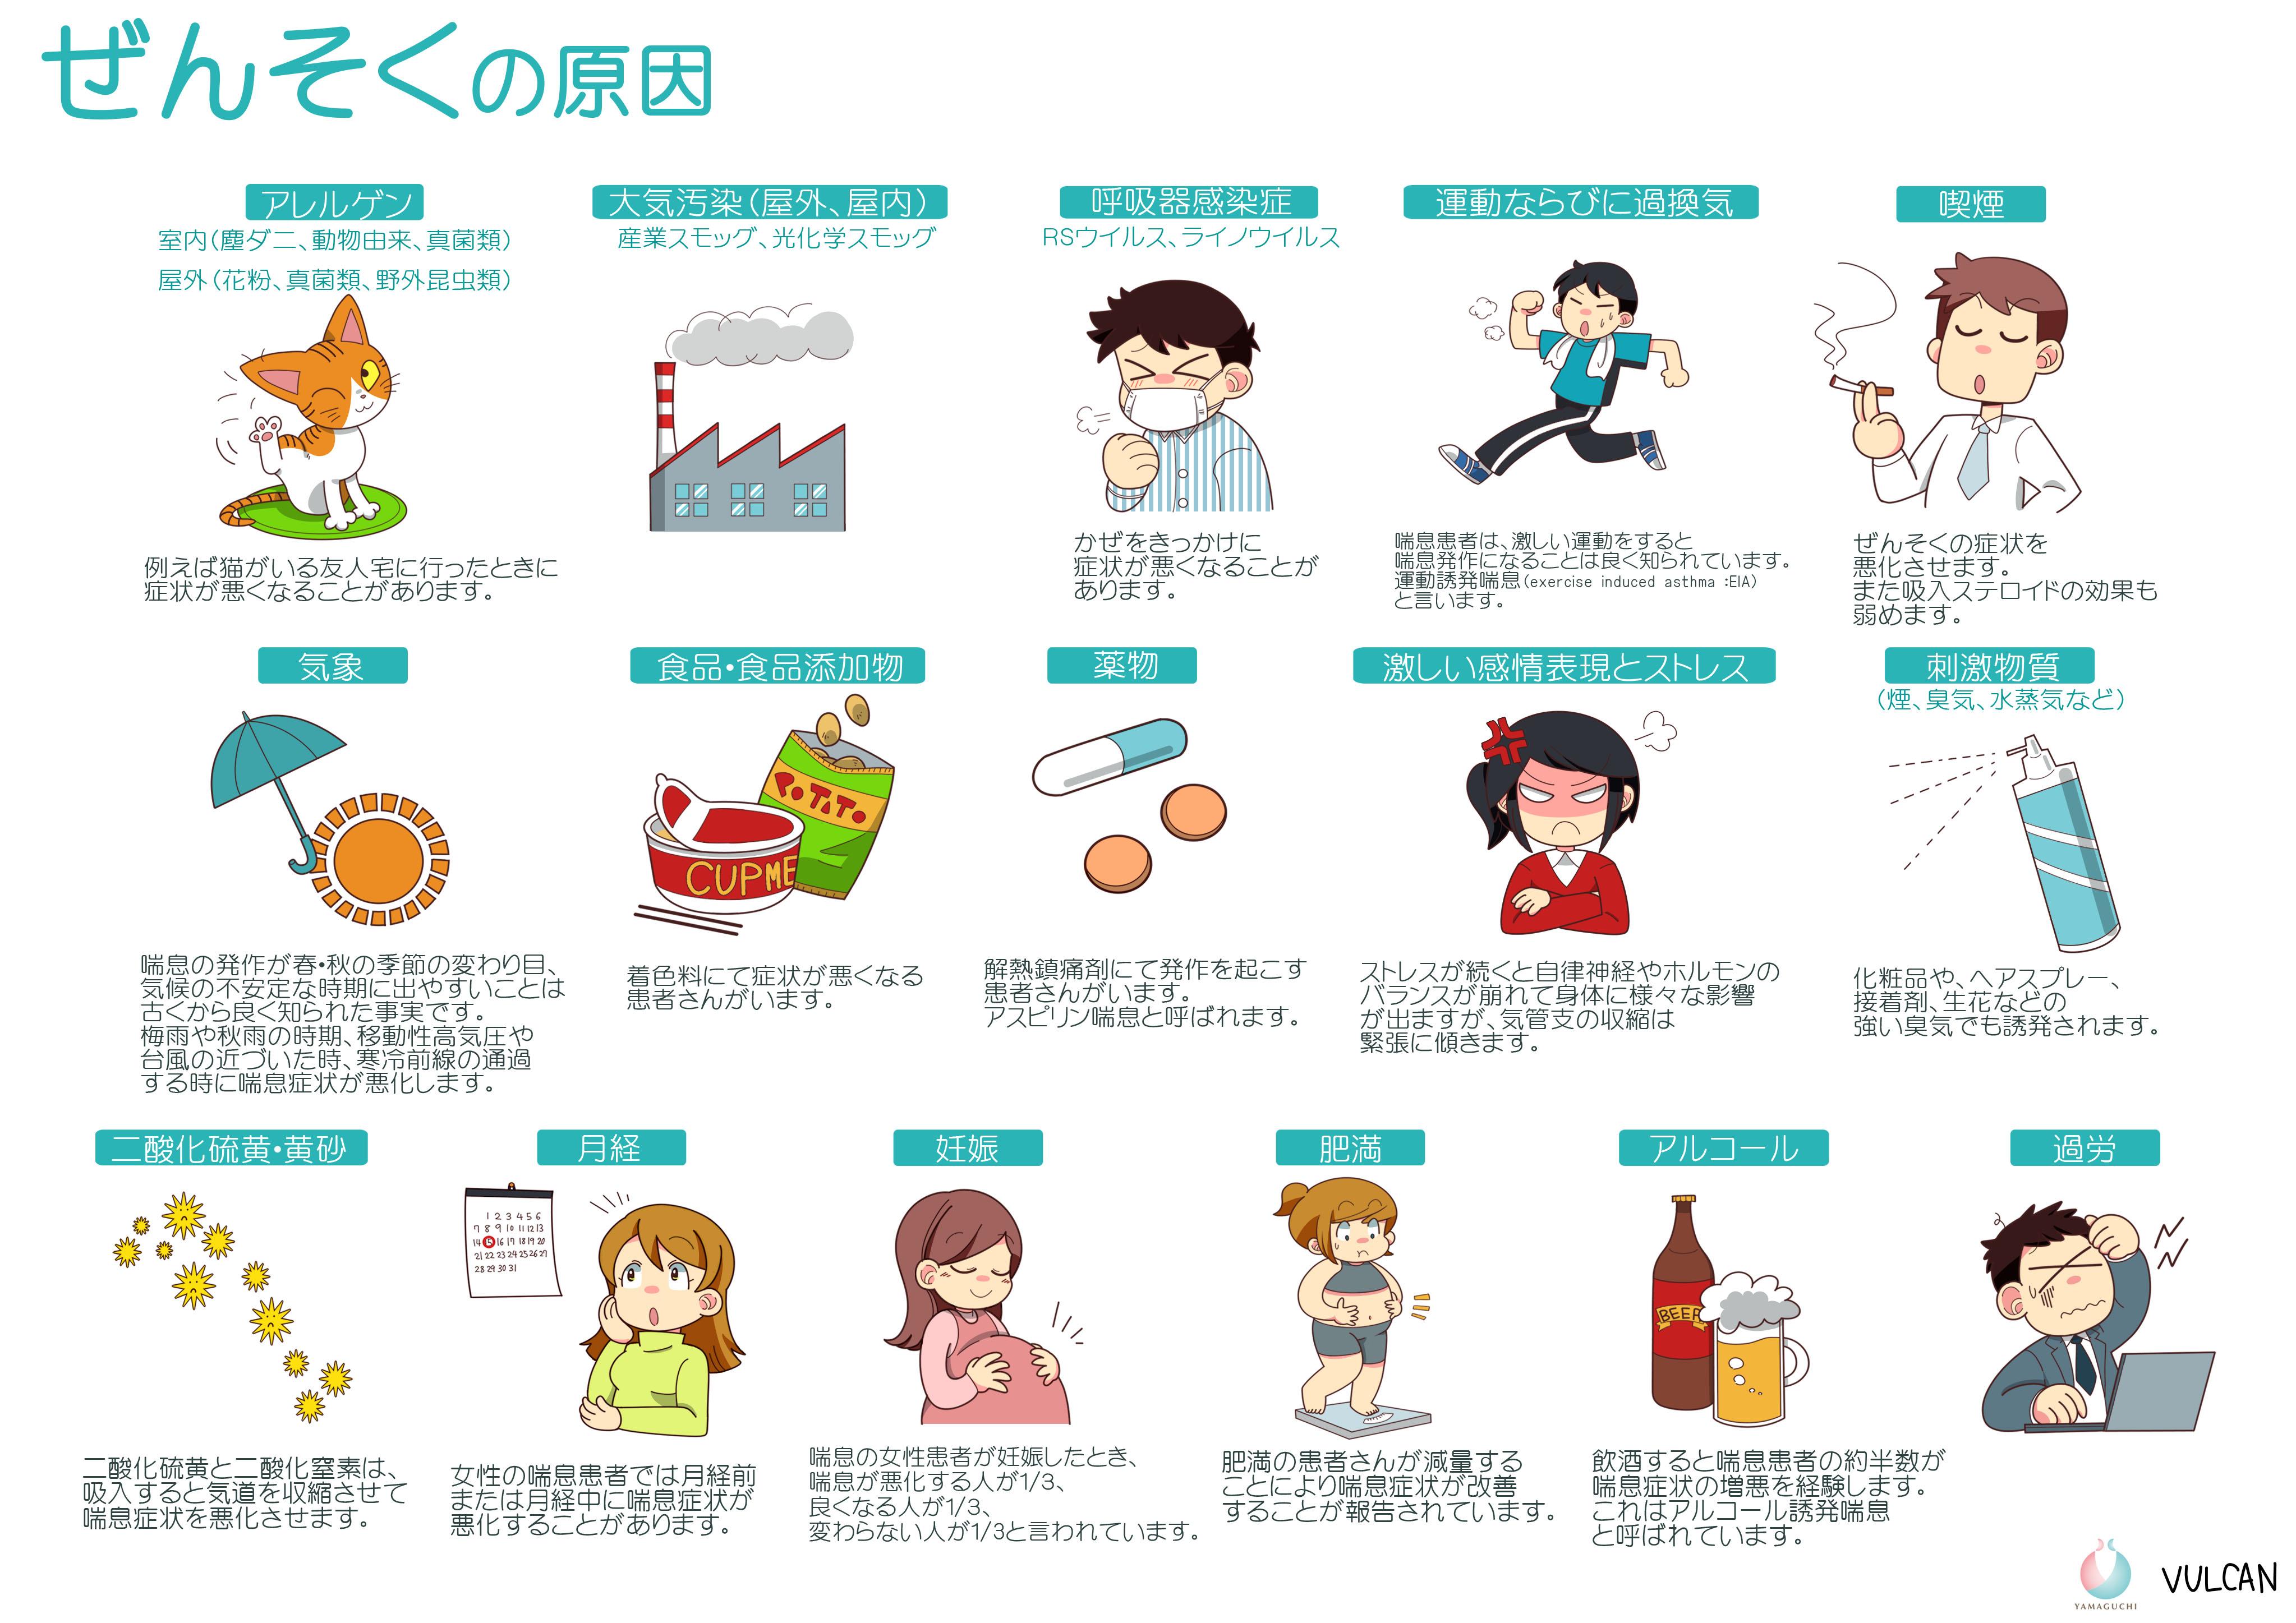 ない 咳 とき 止まら が 咳(せき)や痰(たん)が止まらないときの対処法と予防法